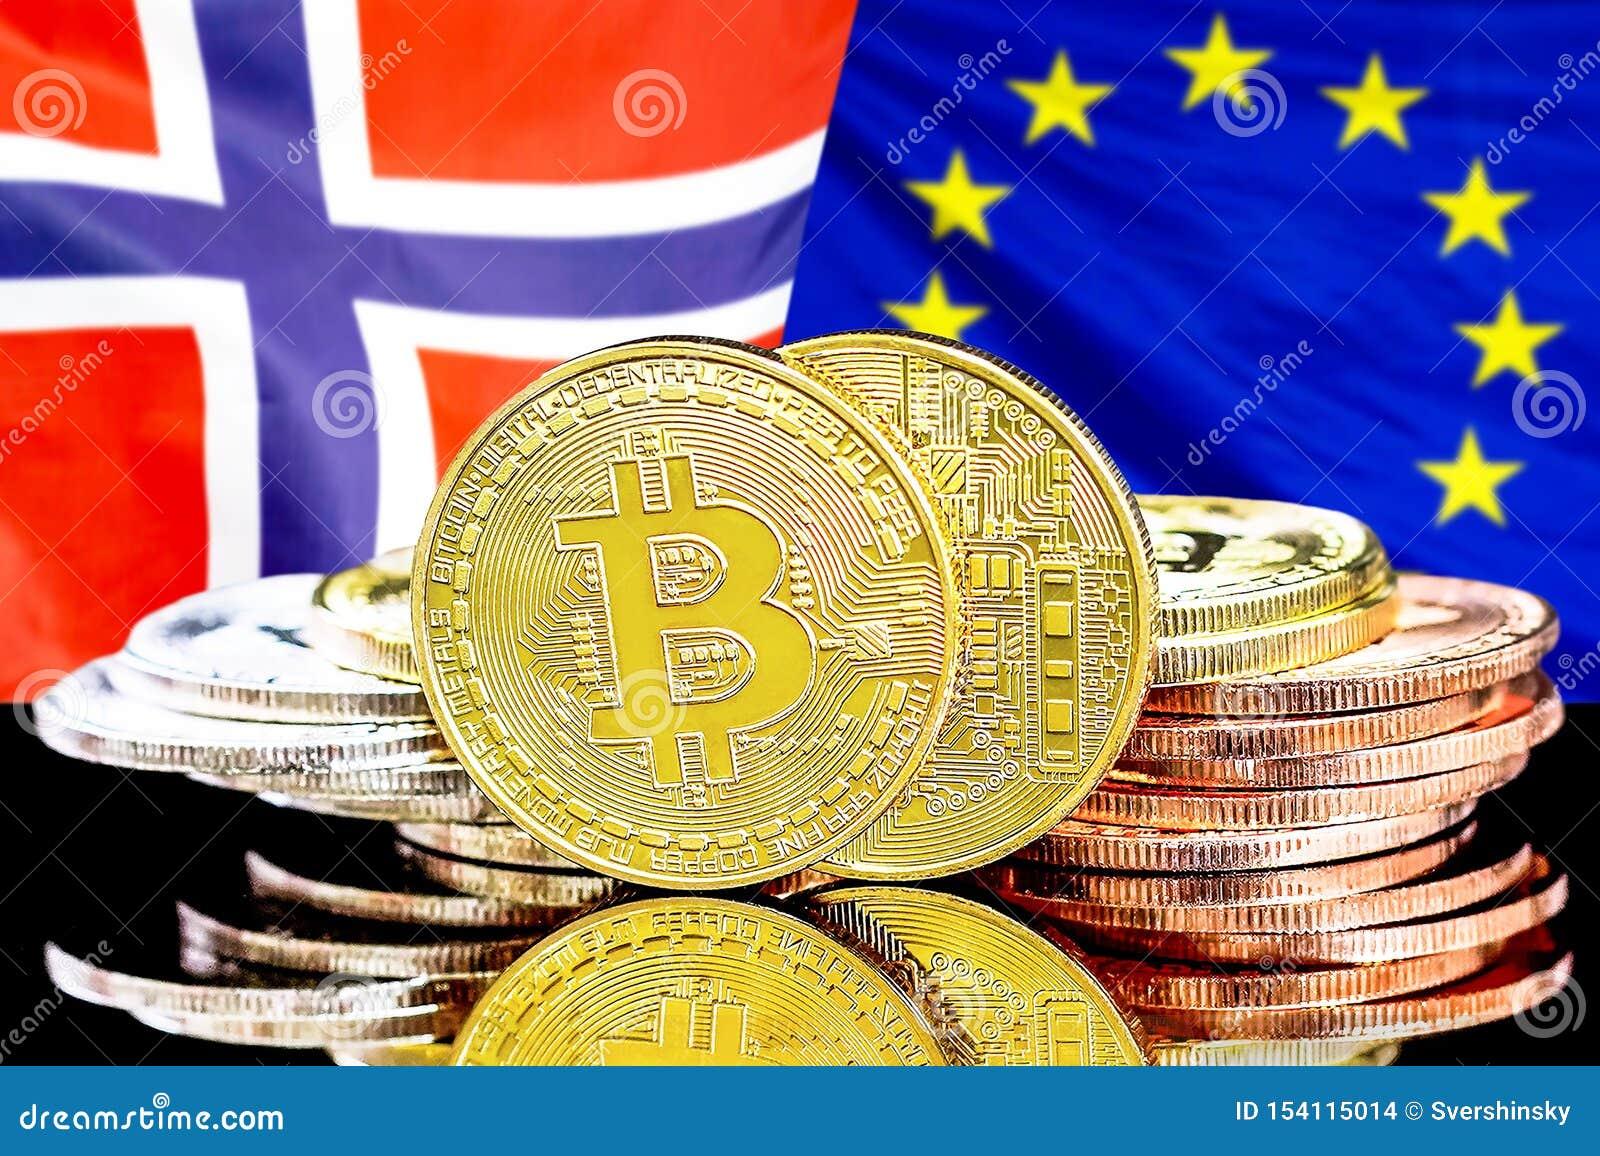 Bitcoins auf Norwegen- und Gemeinschaftsflagge Hintergrund